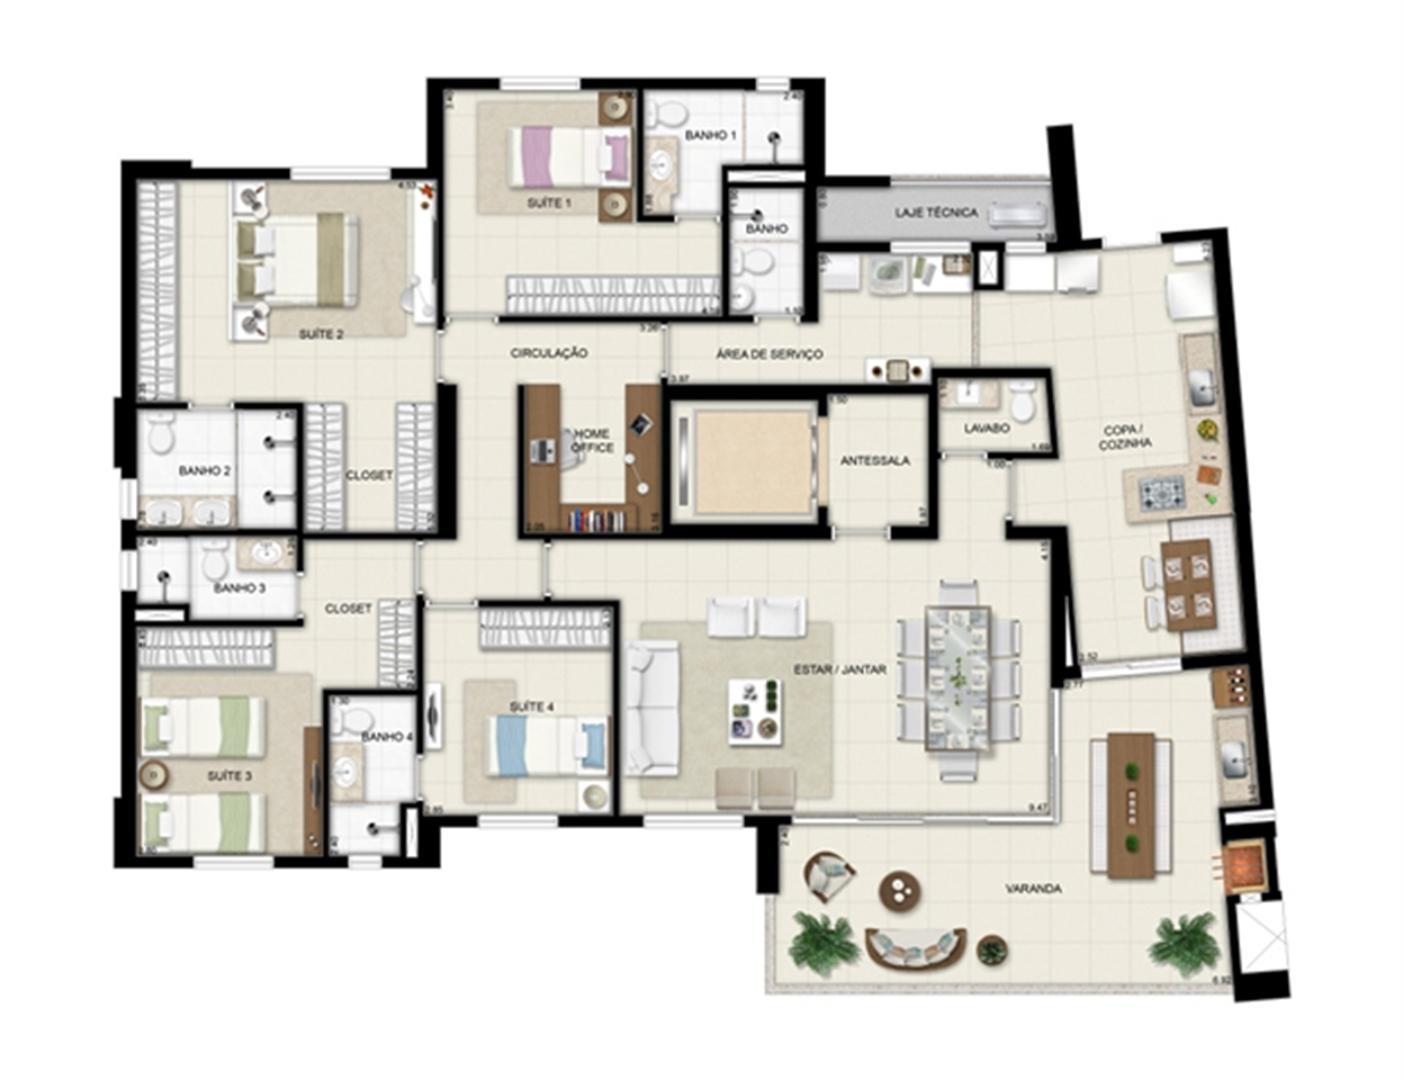 Planta opção - Torre Boulevard - Final 01 198 m² (2) | Chateau Marista LifeStyle – Apartamento no  Setor Marista - Goiânia - Goiás